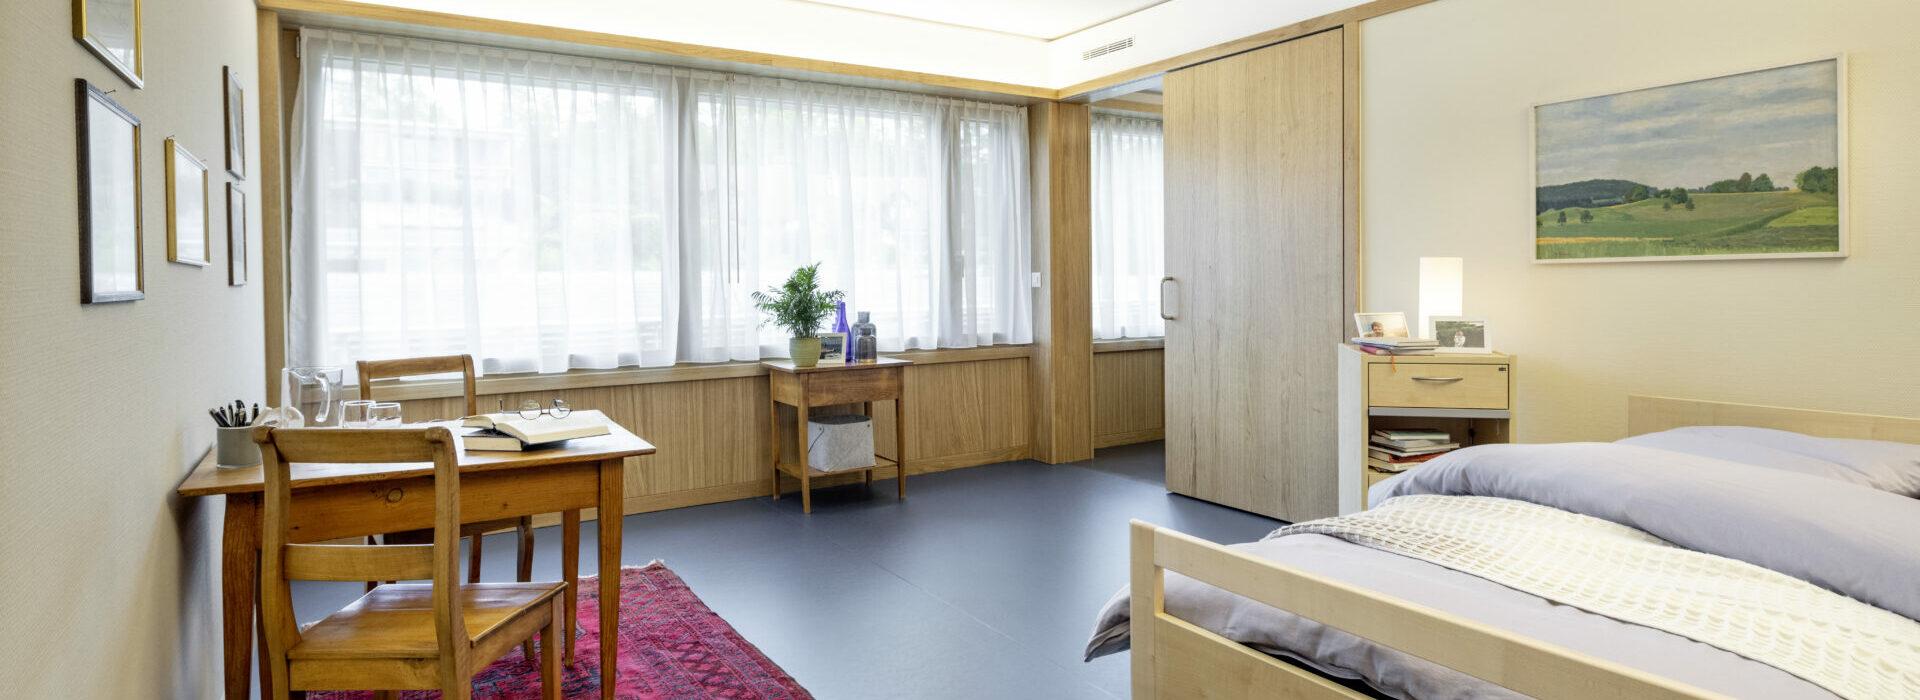 Zimmer 1 1858